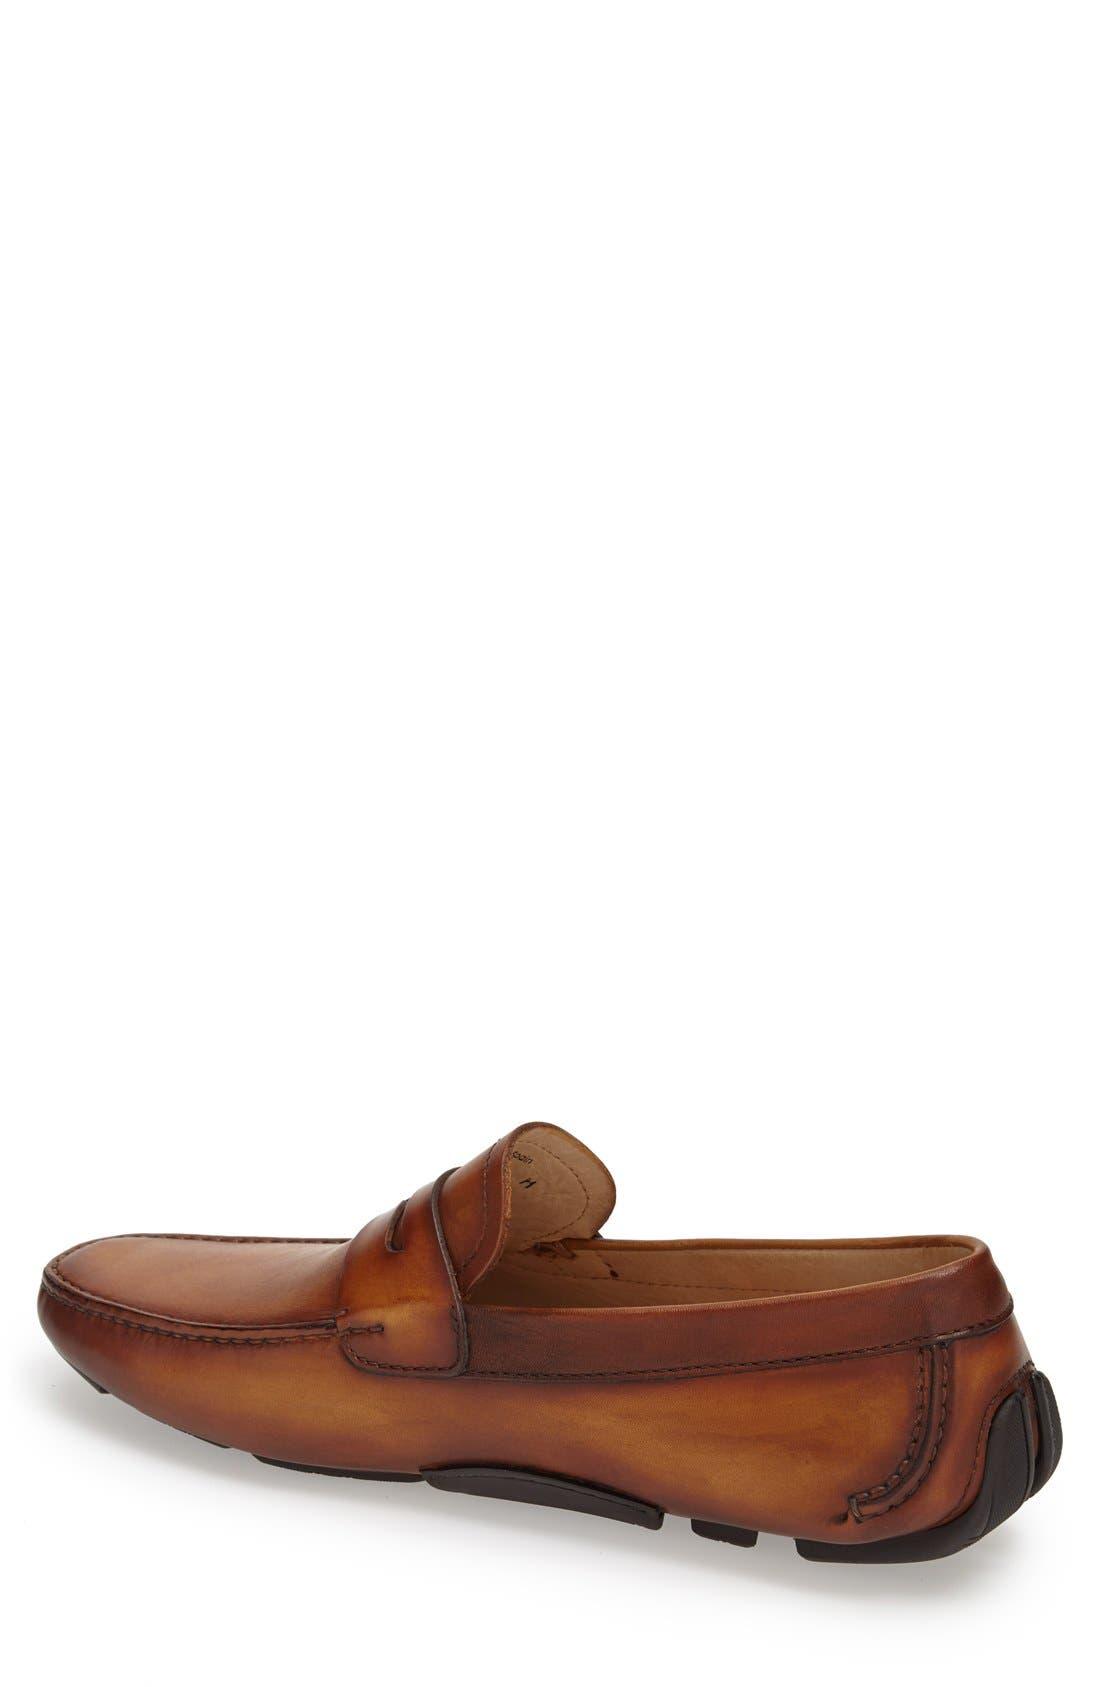 Alternate Image 2  - Magnanni 'Dylan' Leather Driving Shoe (Men)